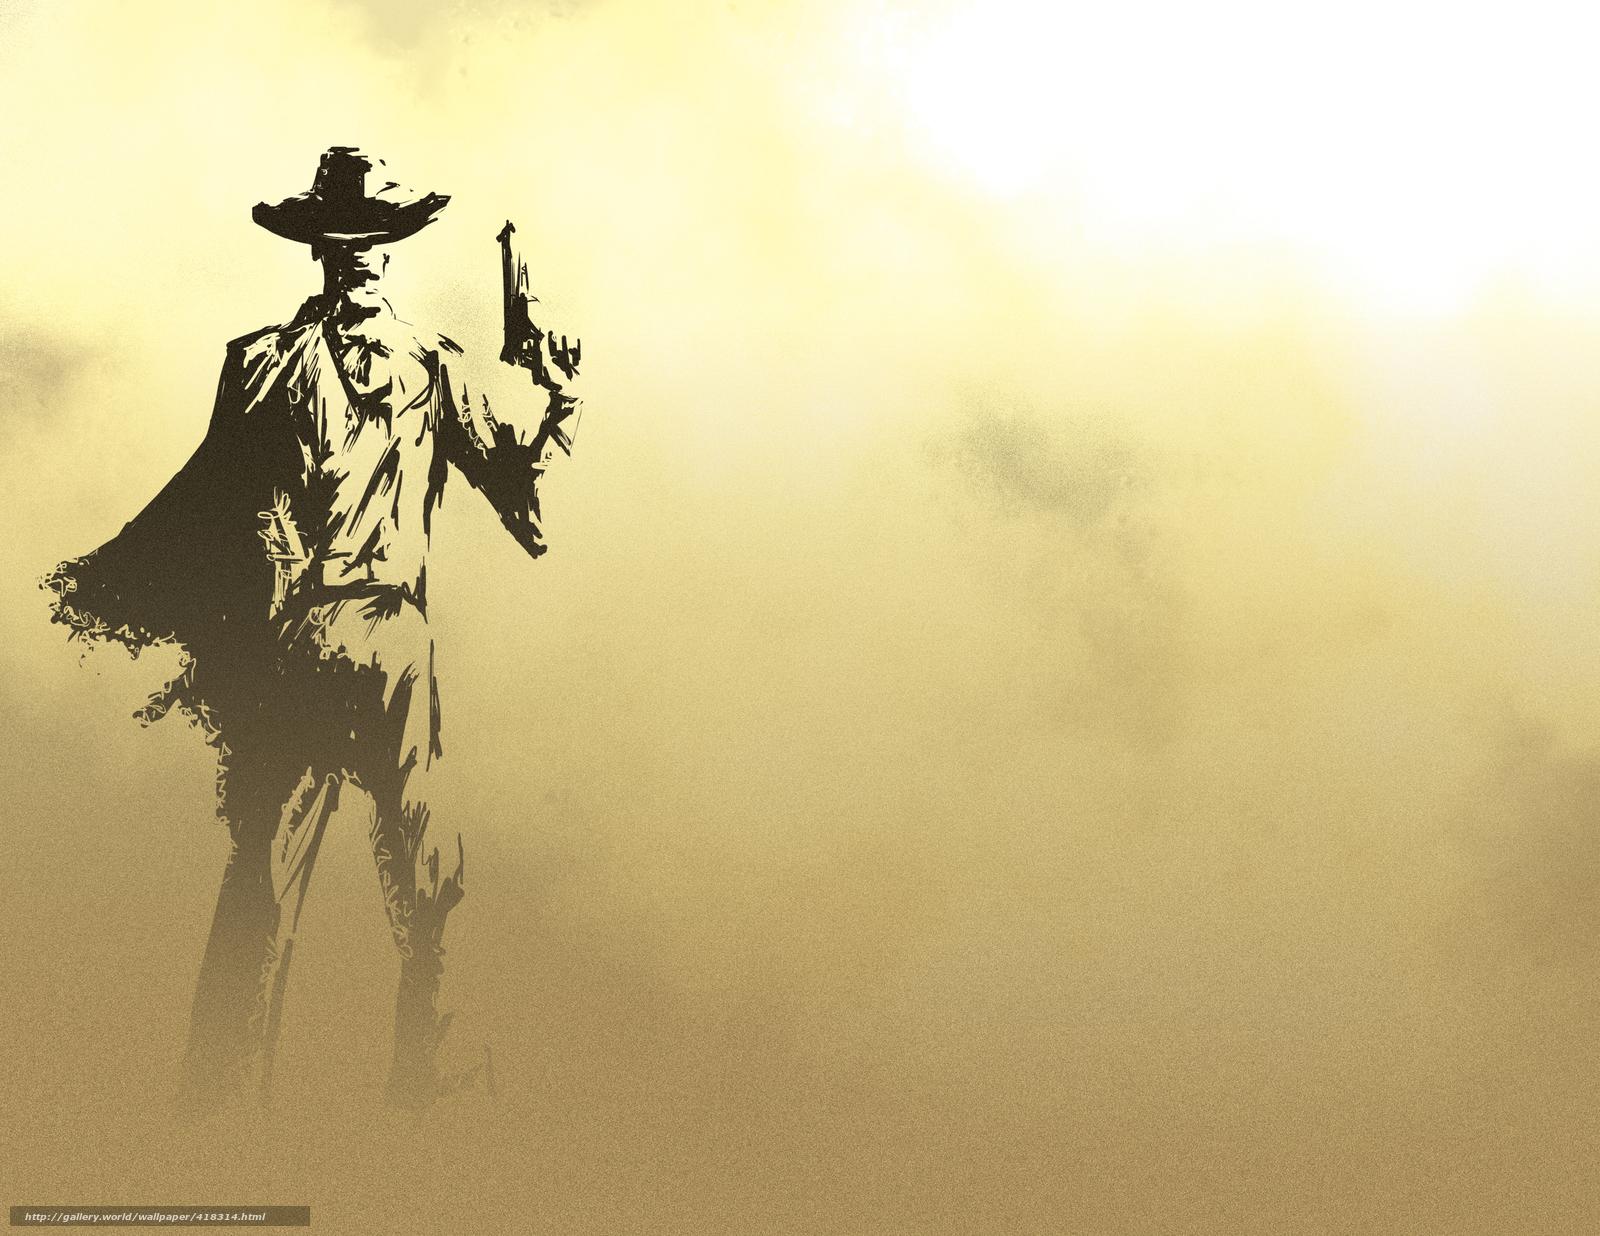 Скачать обои мужчина,  ковбой,  оружие,  фон бесплатно для рабочего стола в разрешении 3300x2550 — картинка №418314